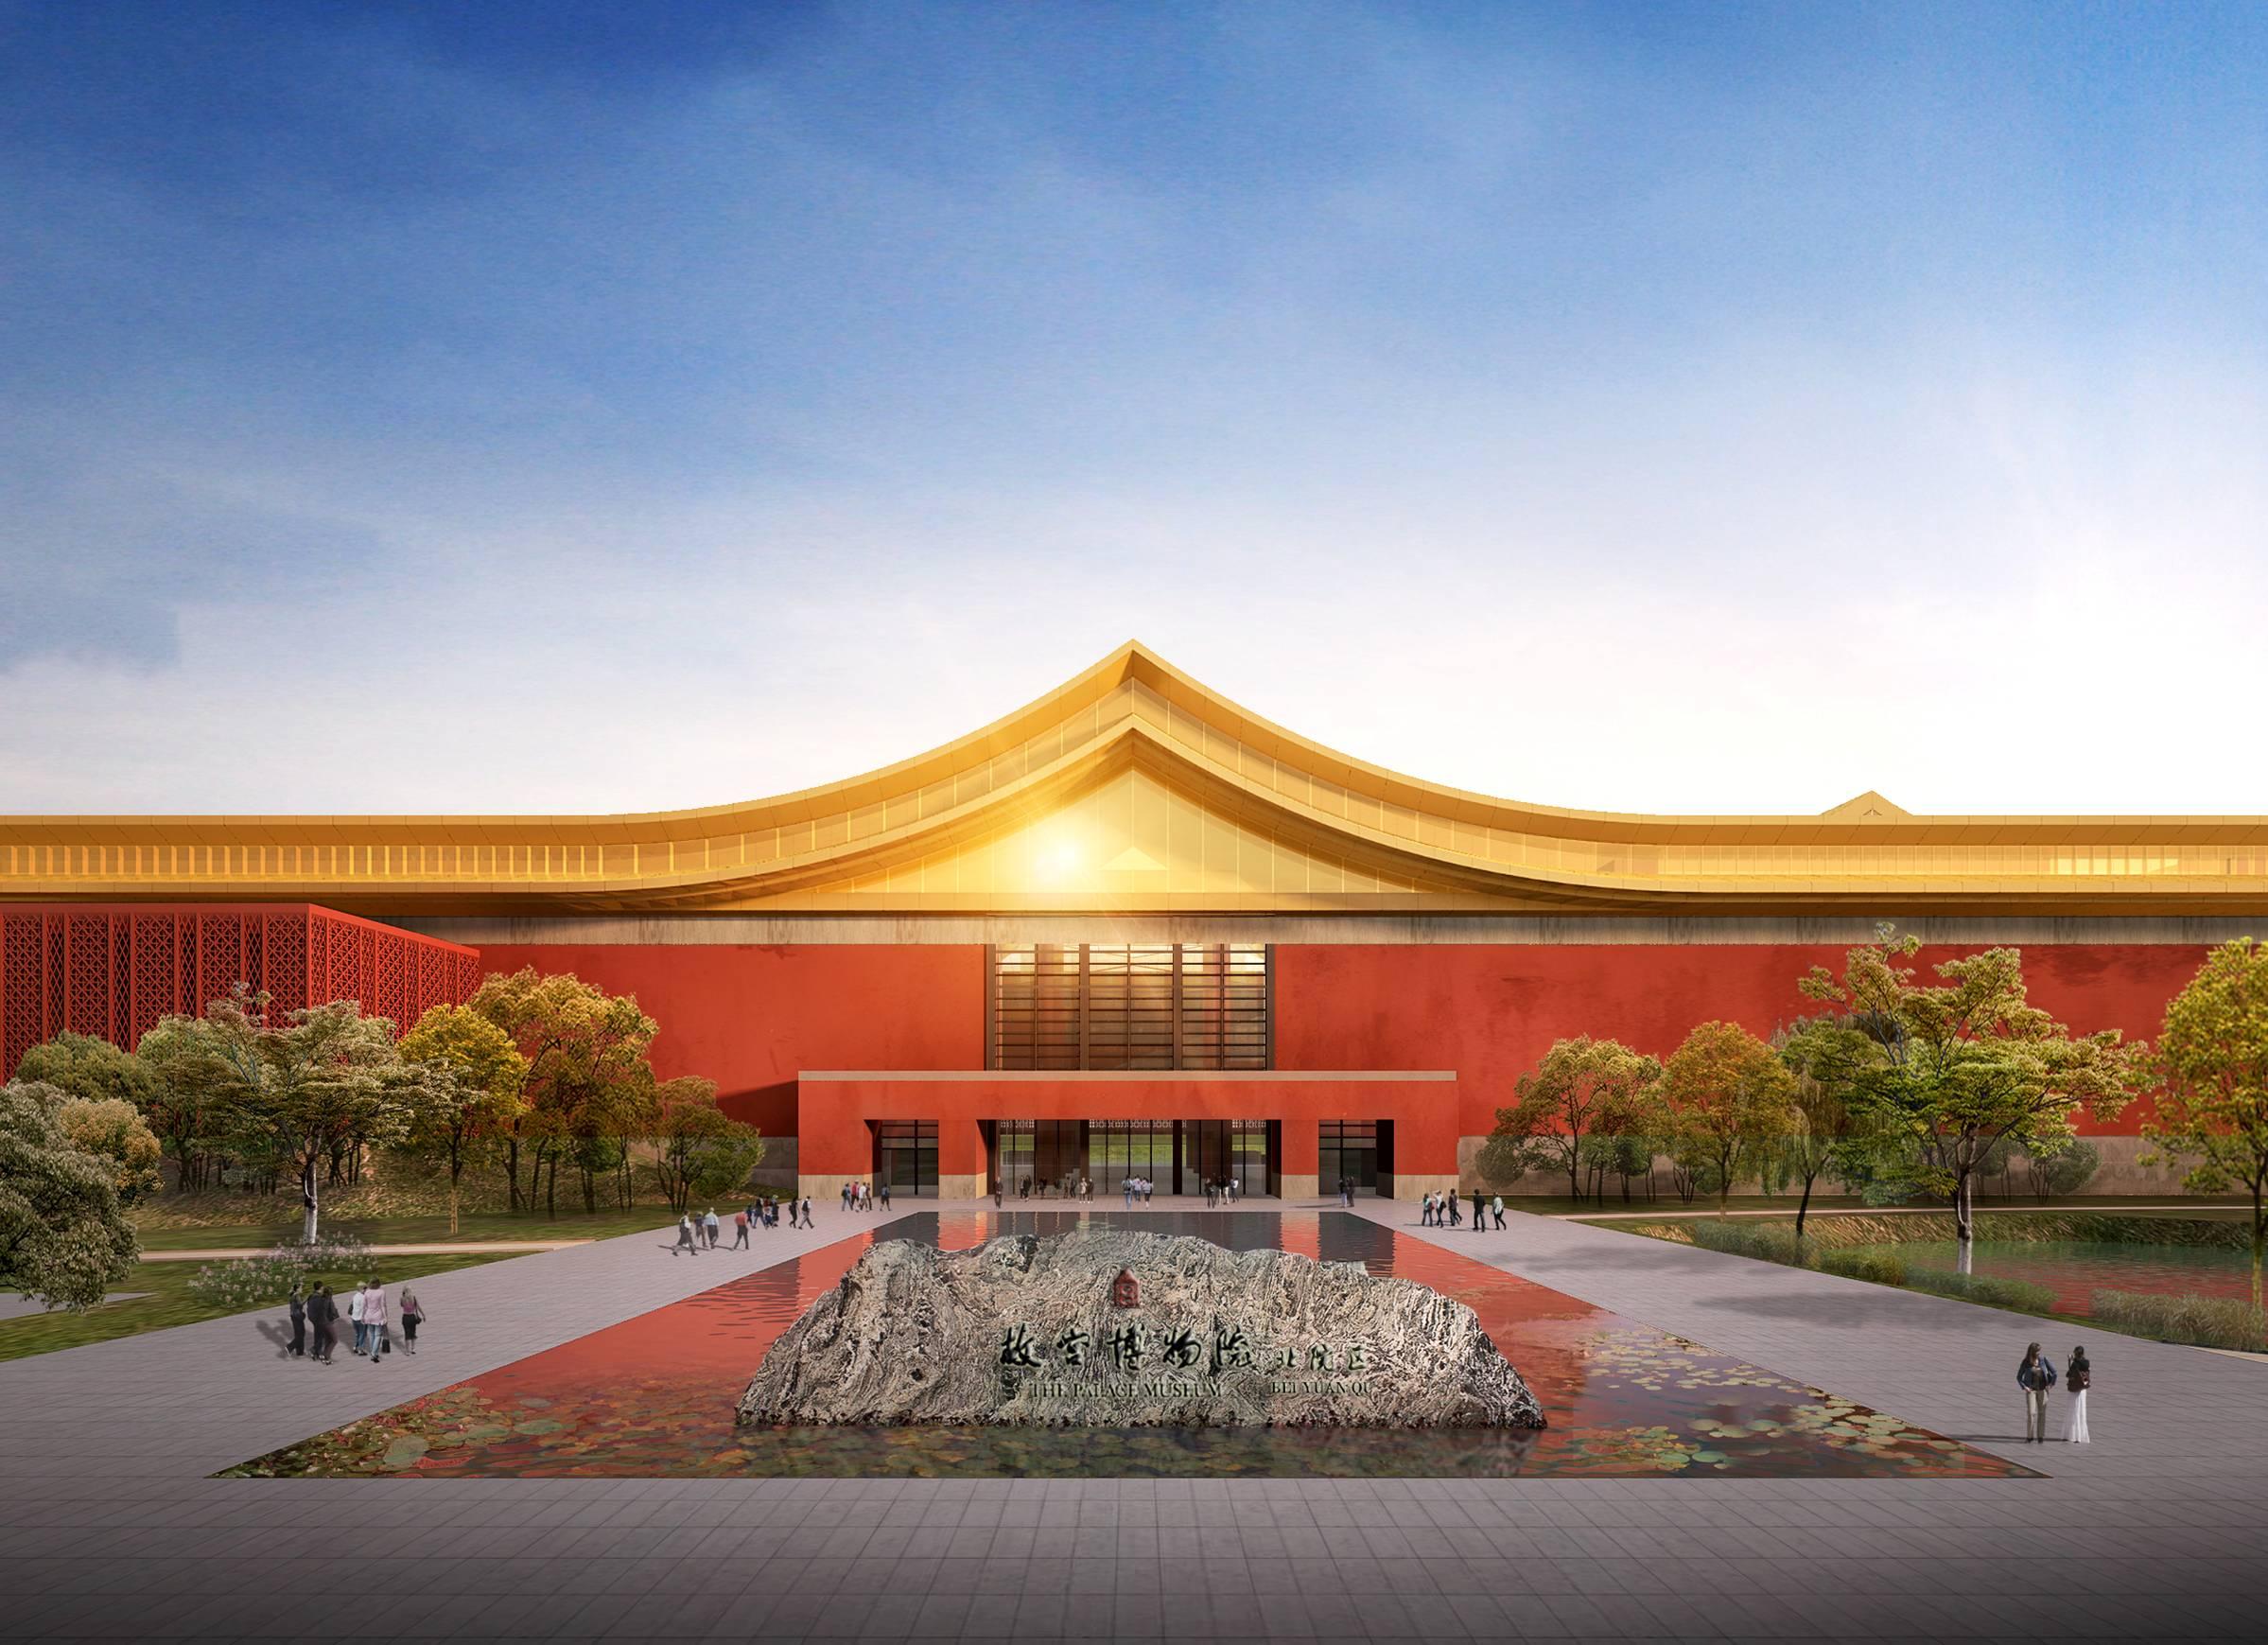 故宫博物院北院区的设计效果图3.jpg